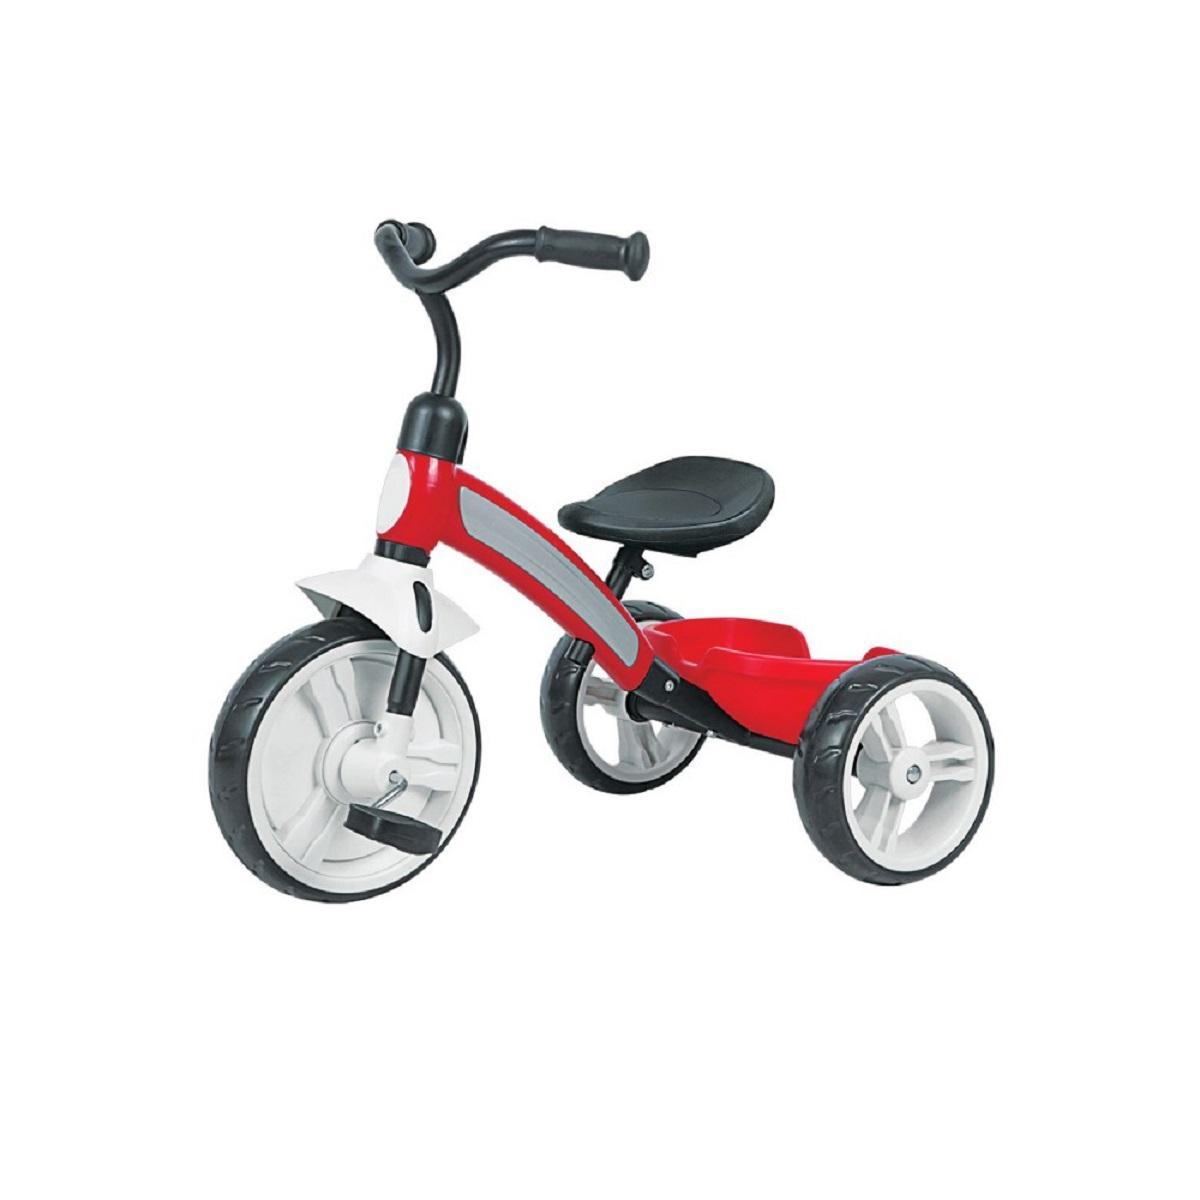 Triciclo Micu Rojo